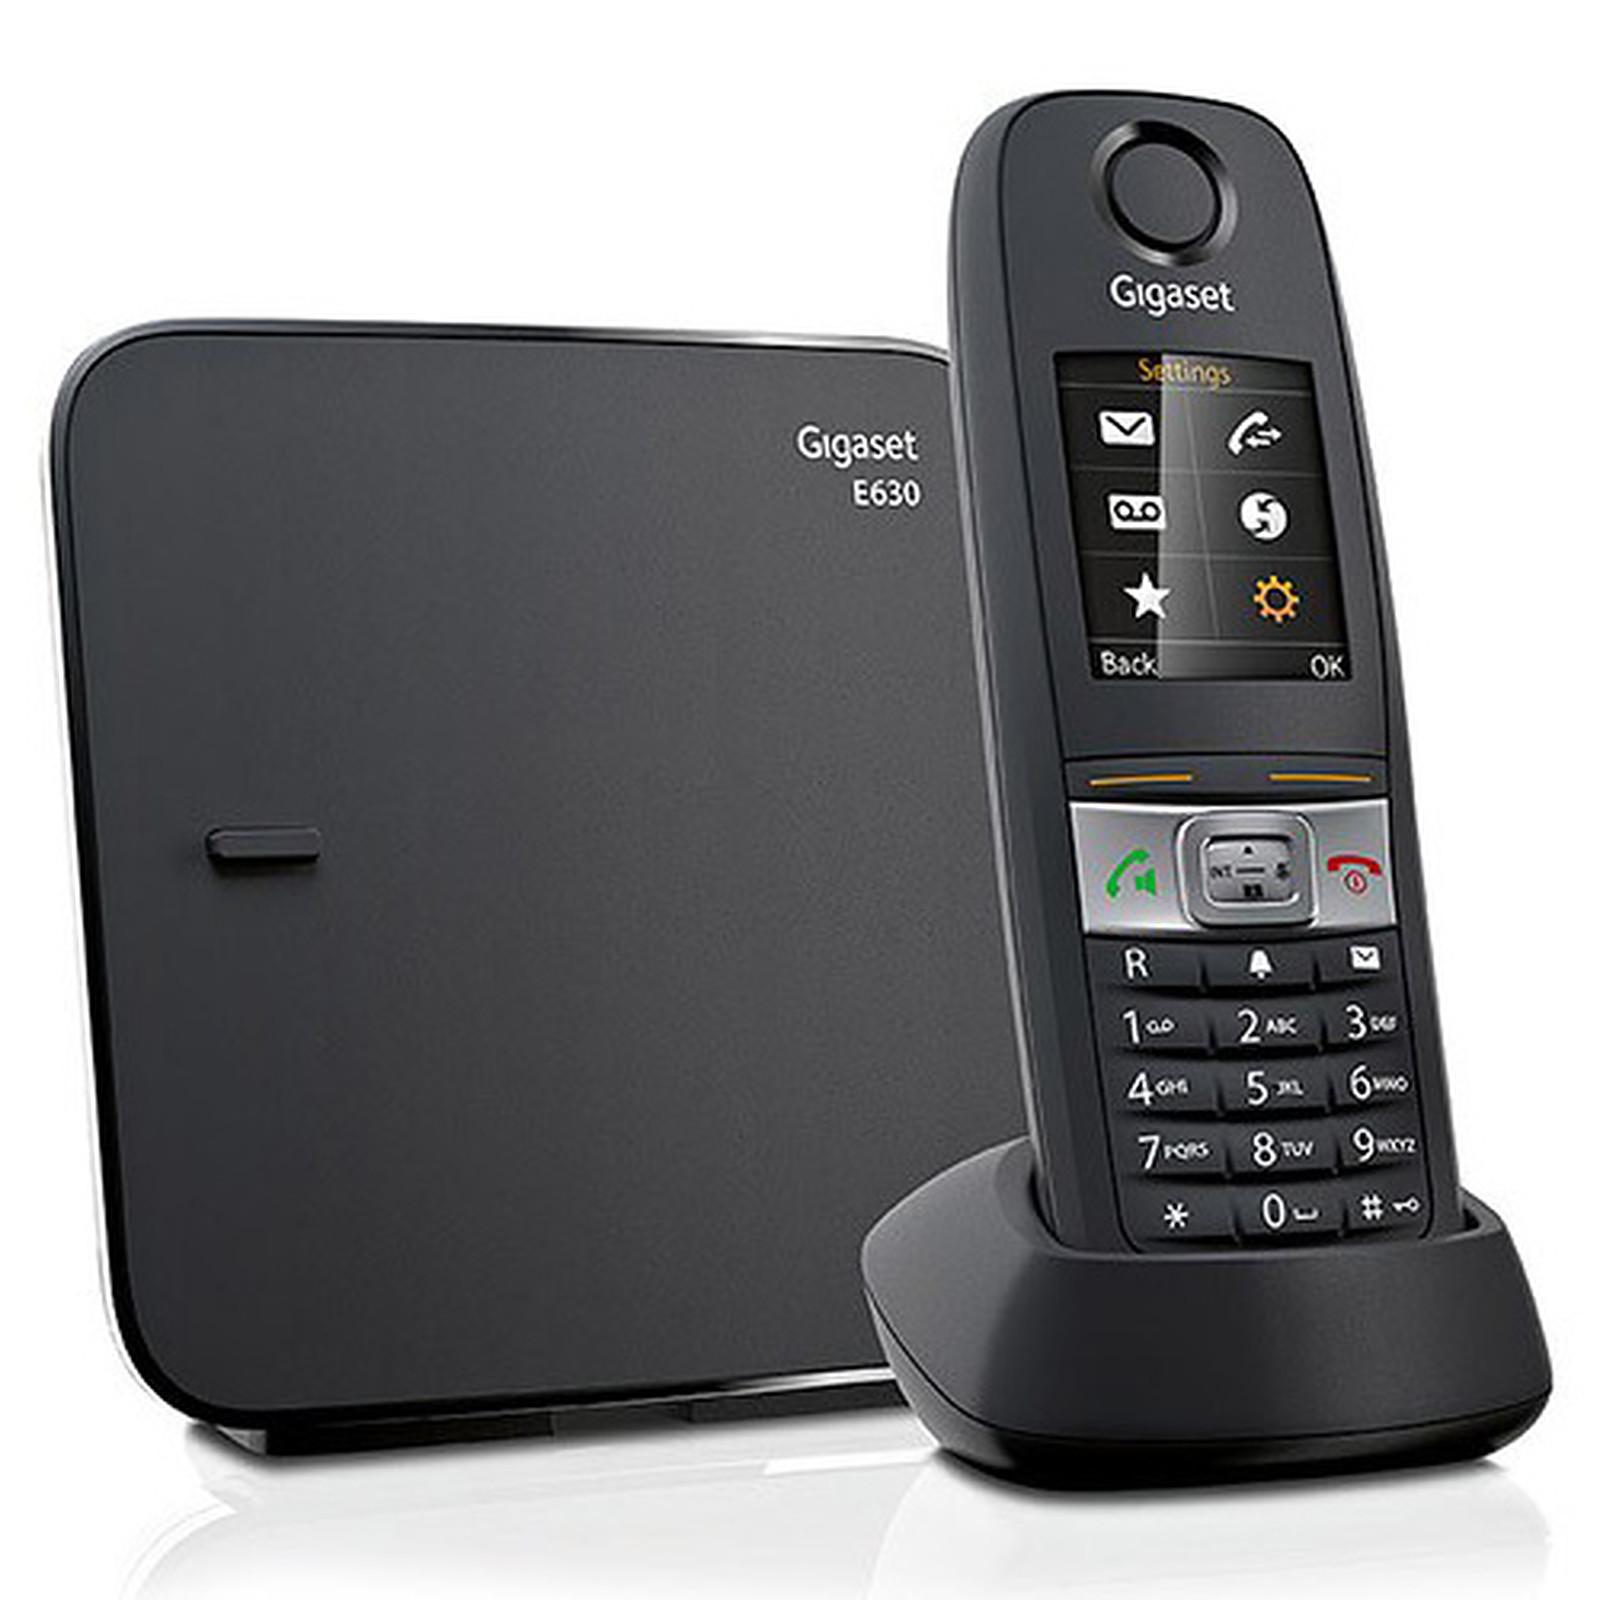 Gigaset E630 Téléphone Sans Fil Gigaset Sur Ldlccom